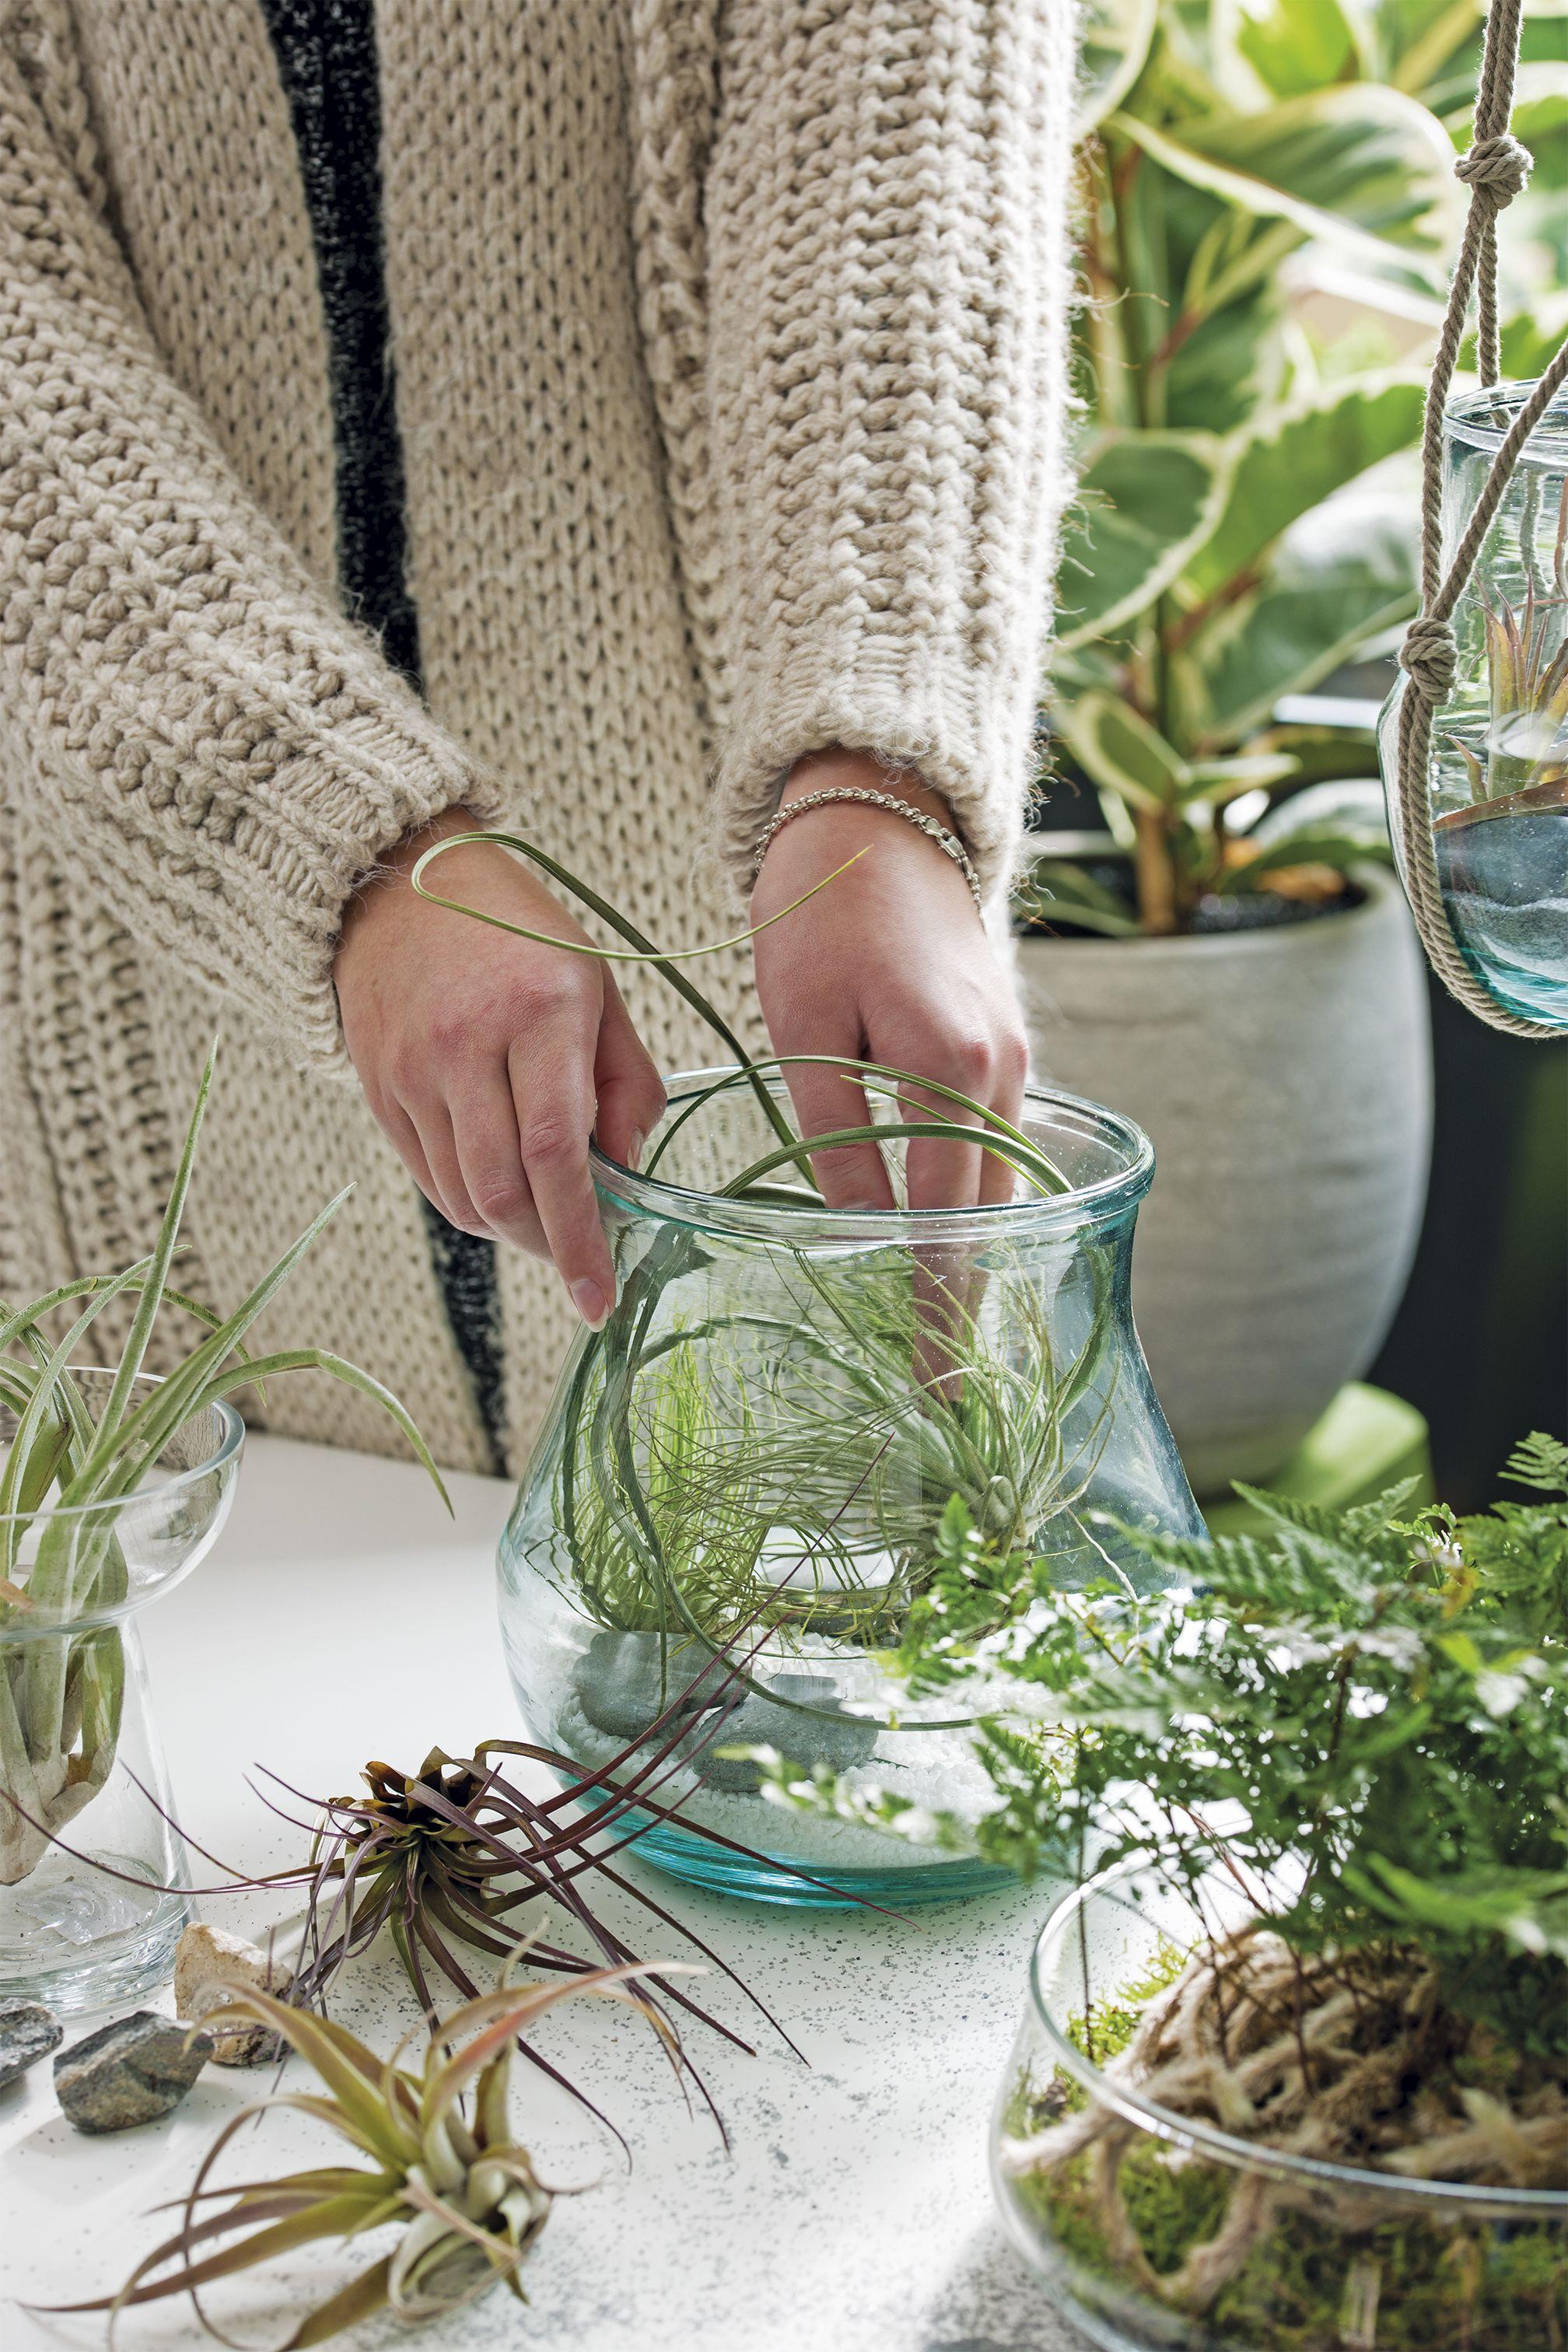 Plant In Glazen Vaas.Zet Een Plantje In Een Glazen Vaas Groenwonen Kamerplanten